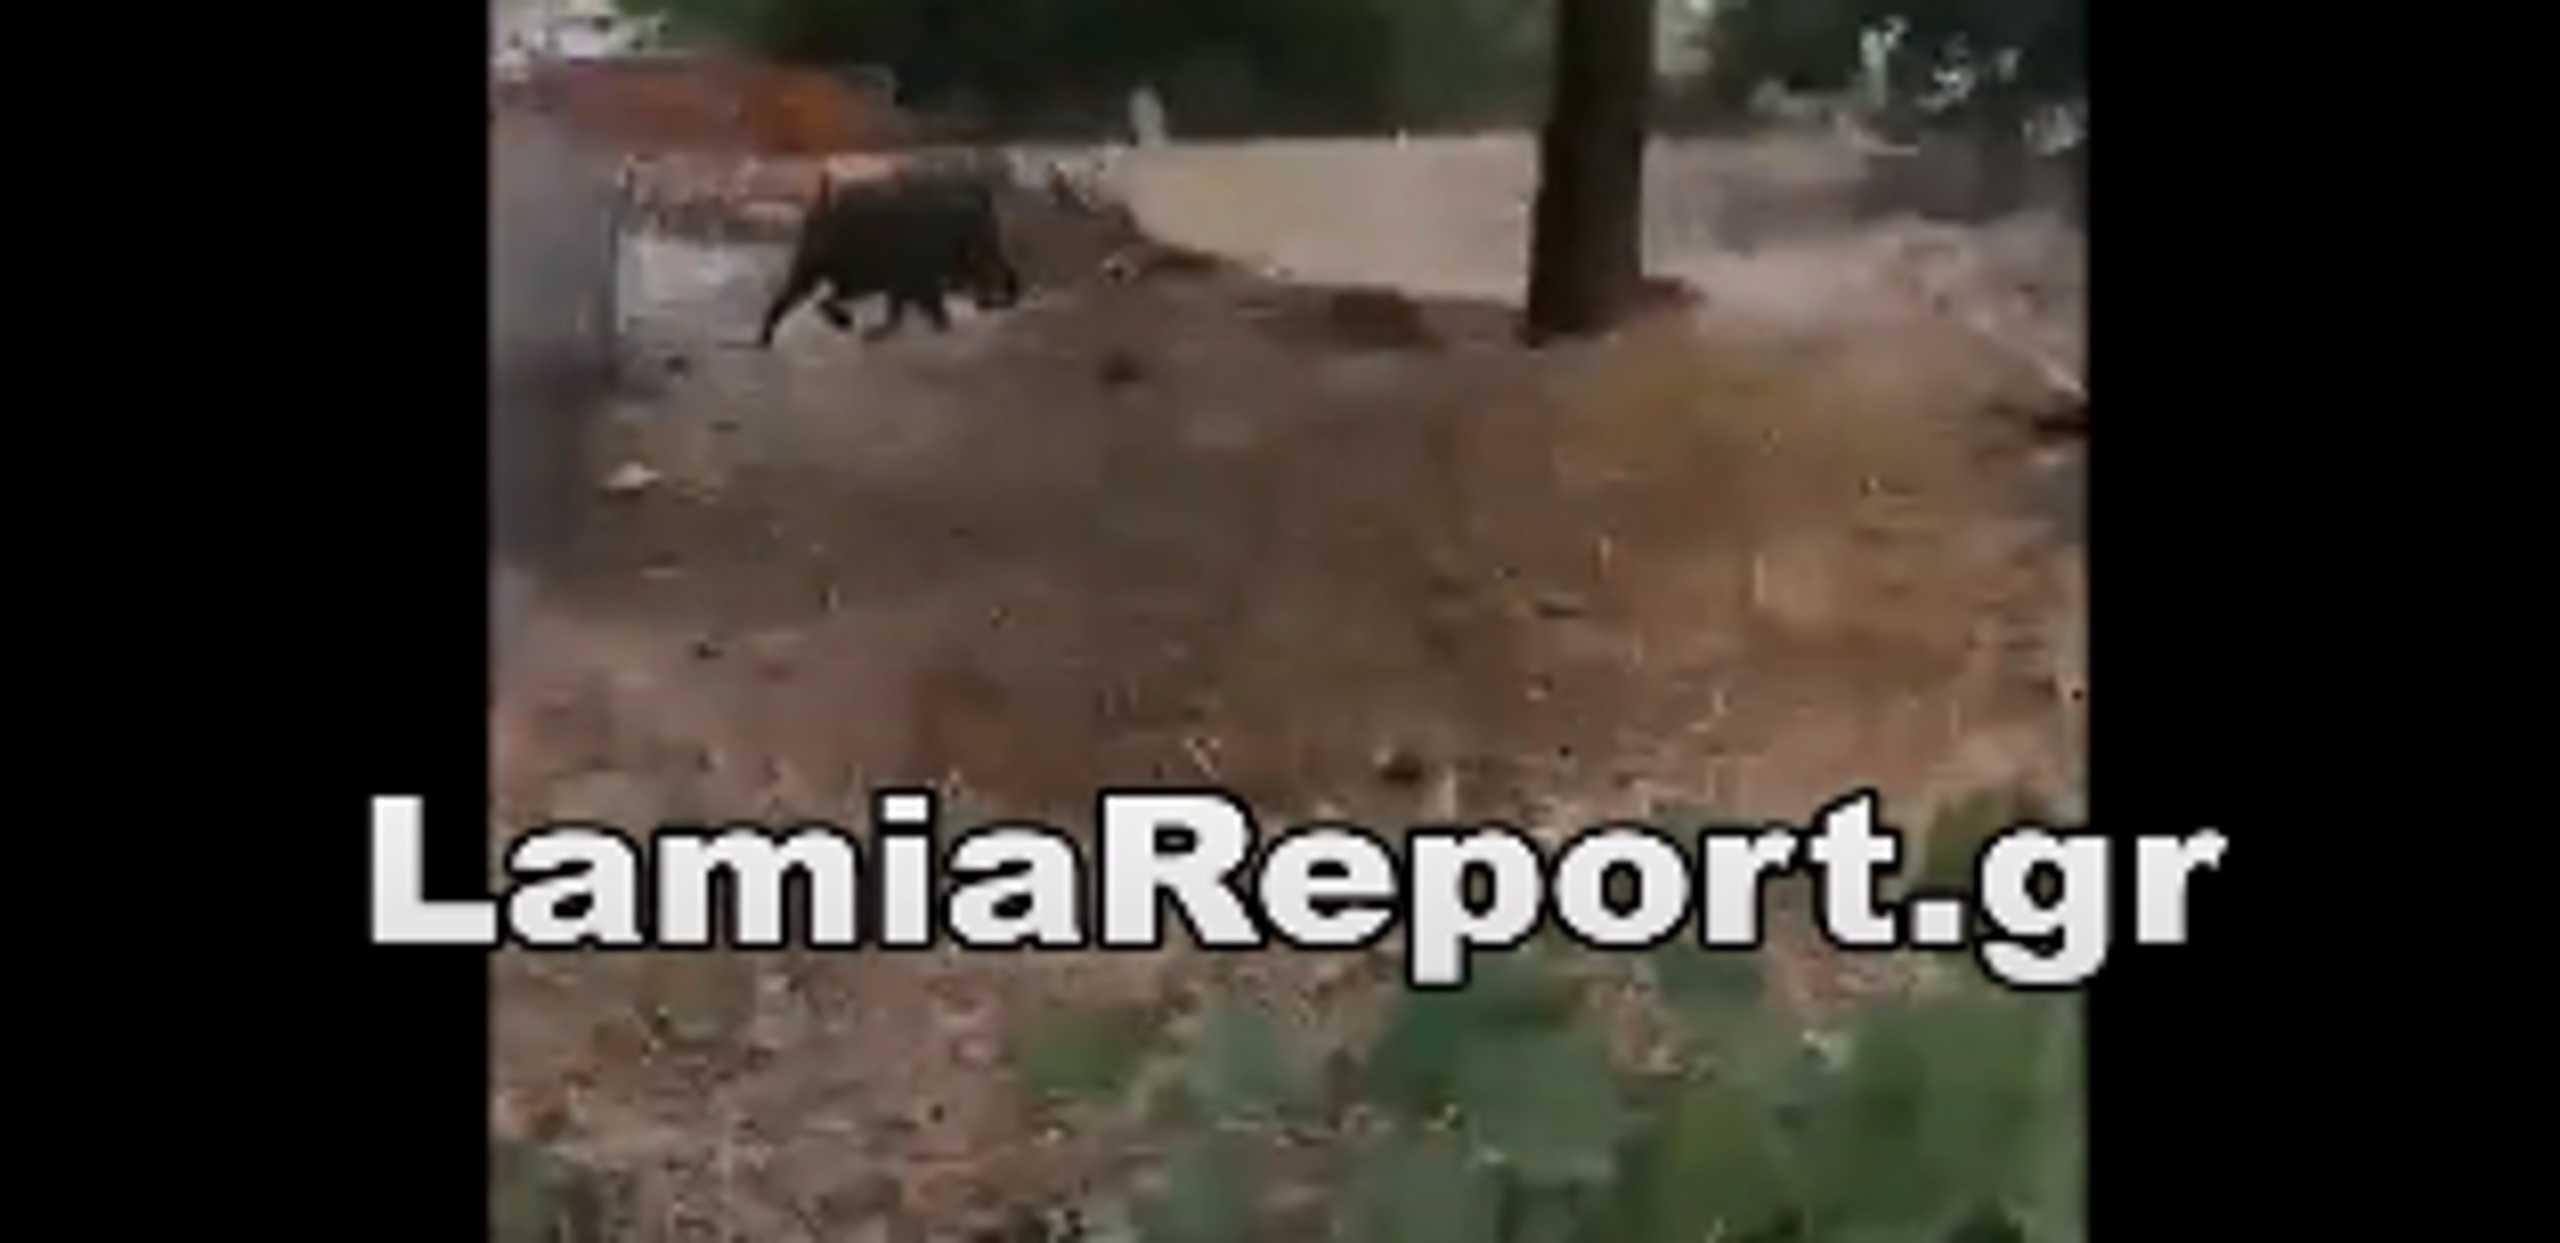 Μακρακώμη: Αγριογούρουνα κόβουν βόλτες στις αυλές (pics, video)